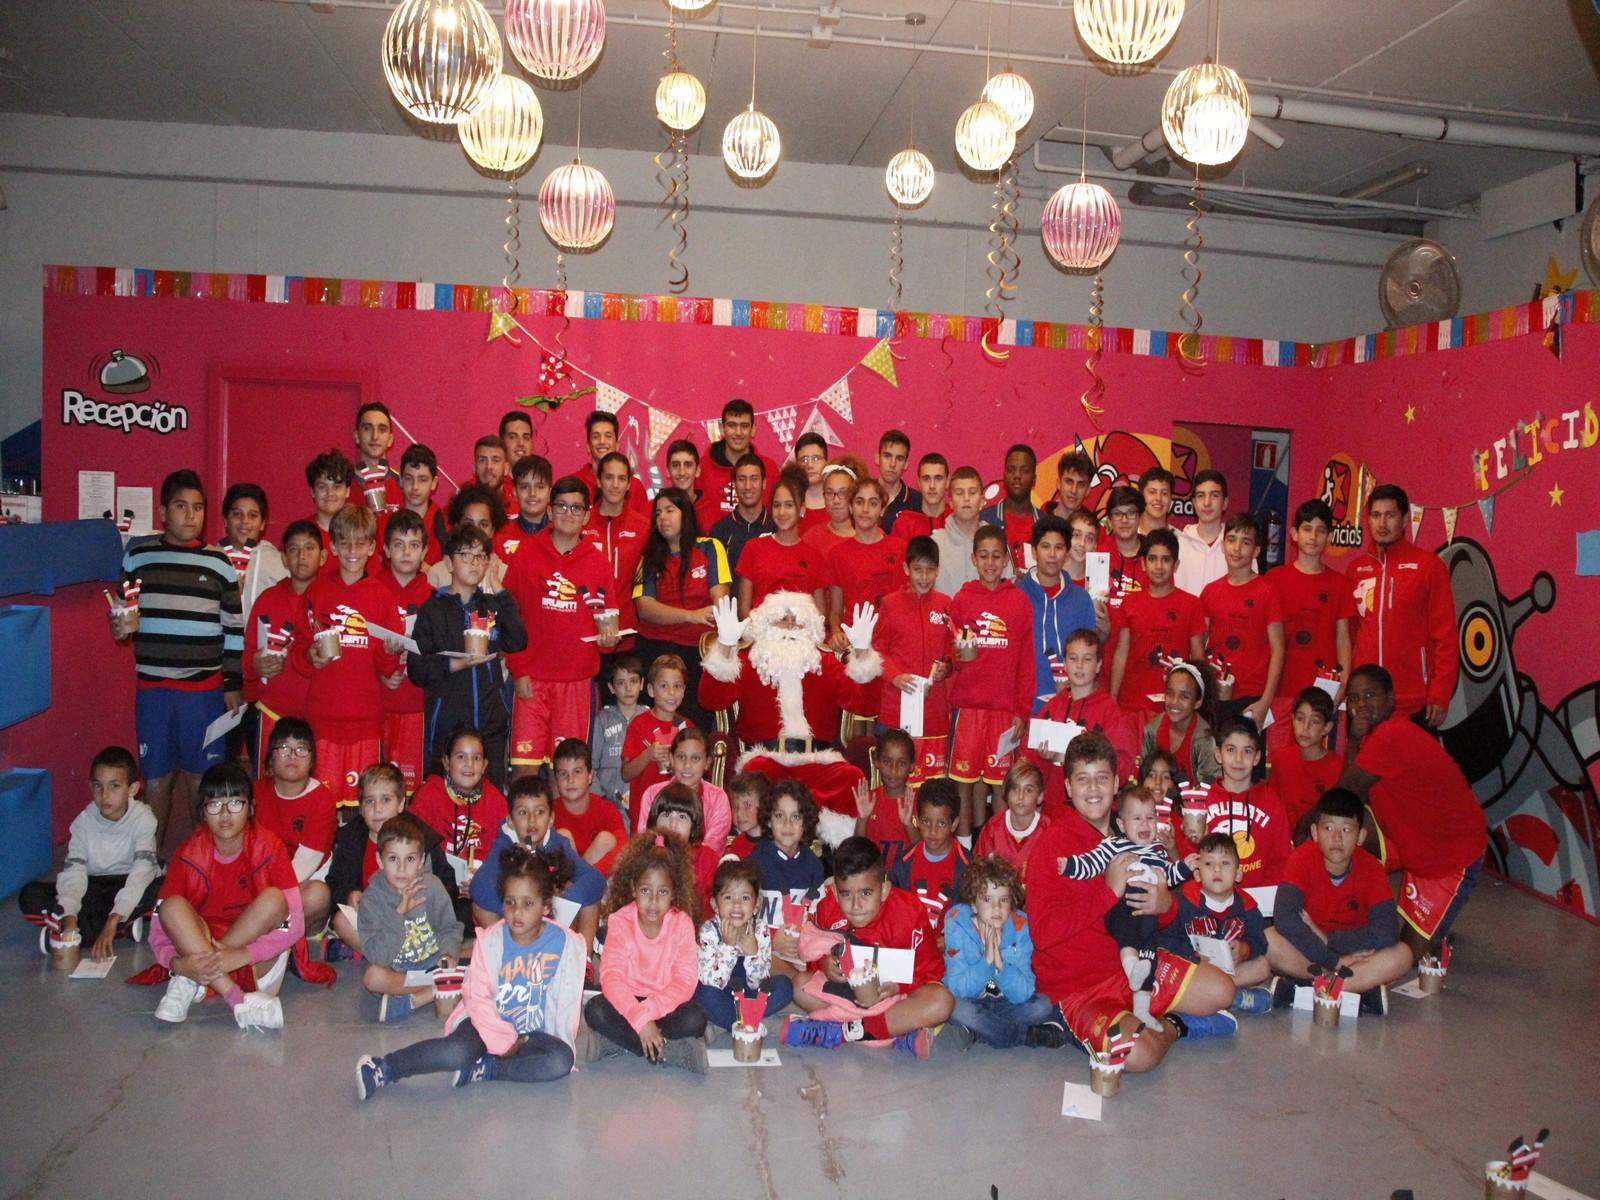 El CB Grubati celebró en Marina Lanzarote la tradicional fiesta de Navidad